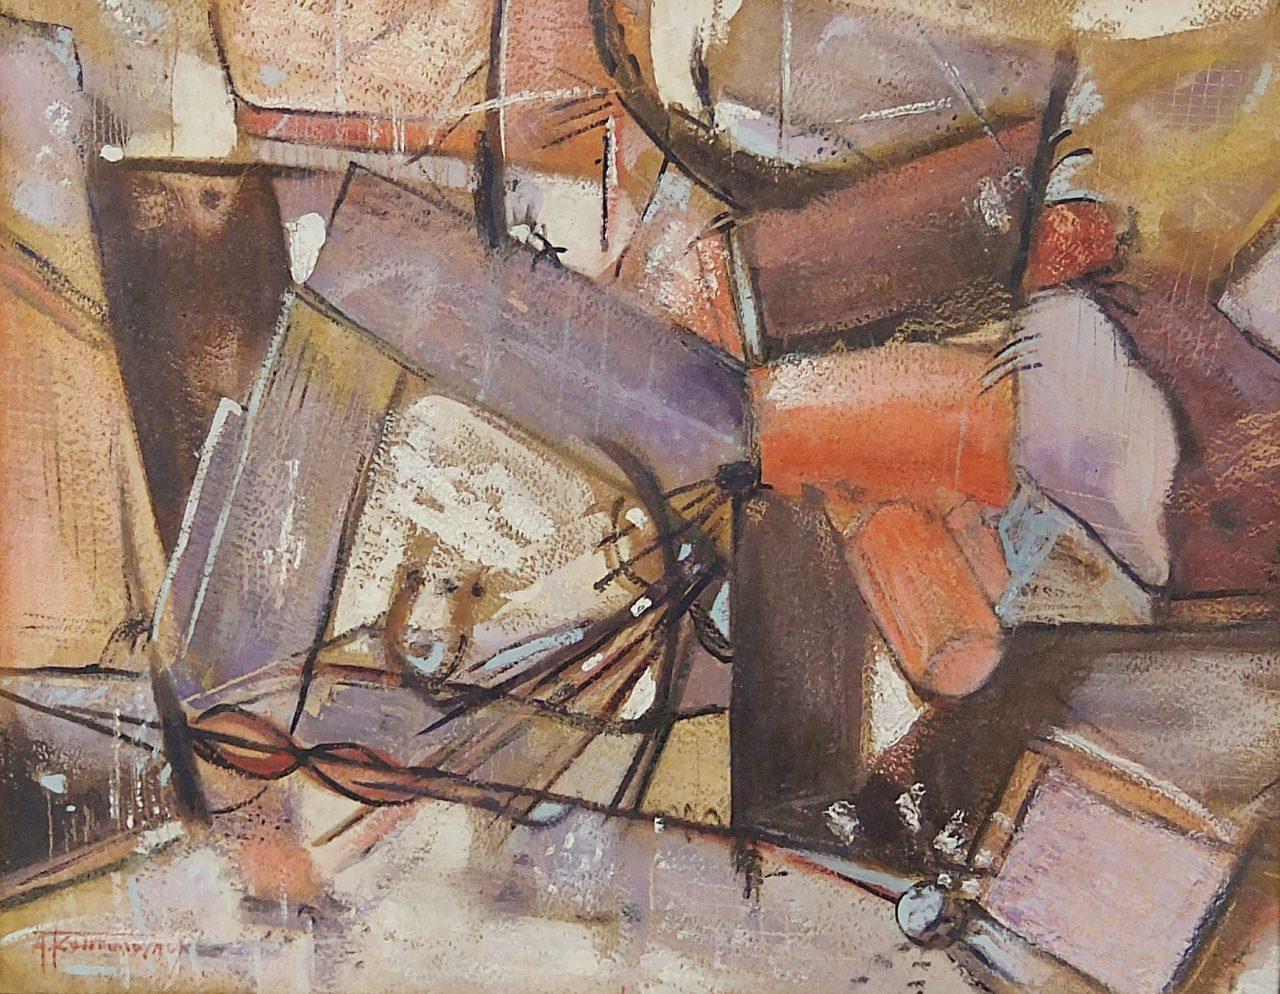 046. ΚΟΝΤΟΠΟΥΛΟΣ Αλέκος (1904-1975)